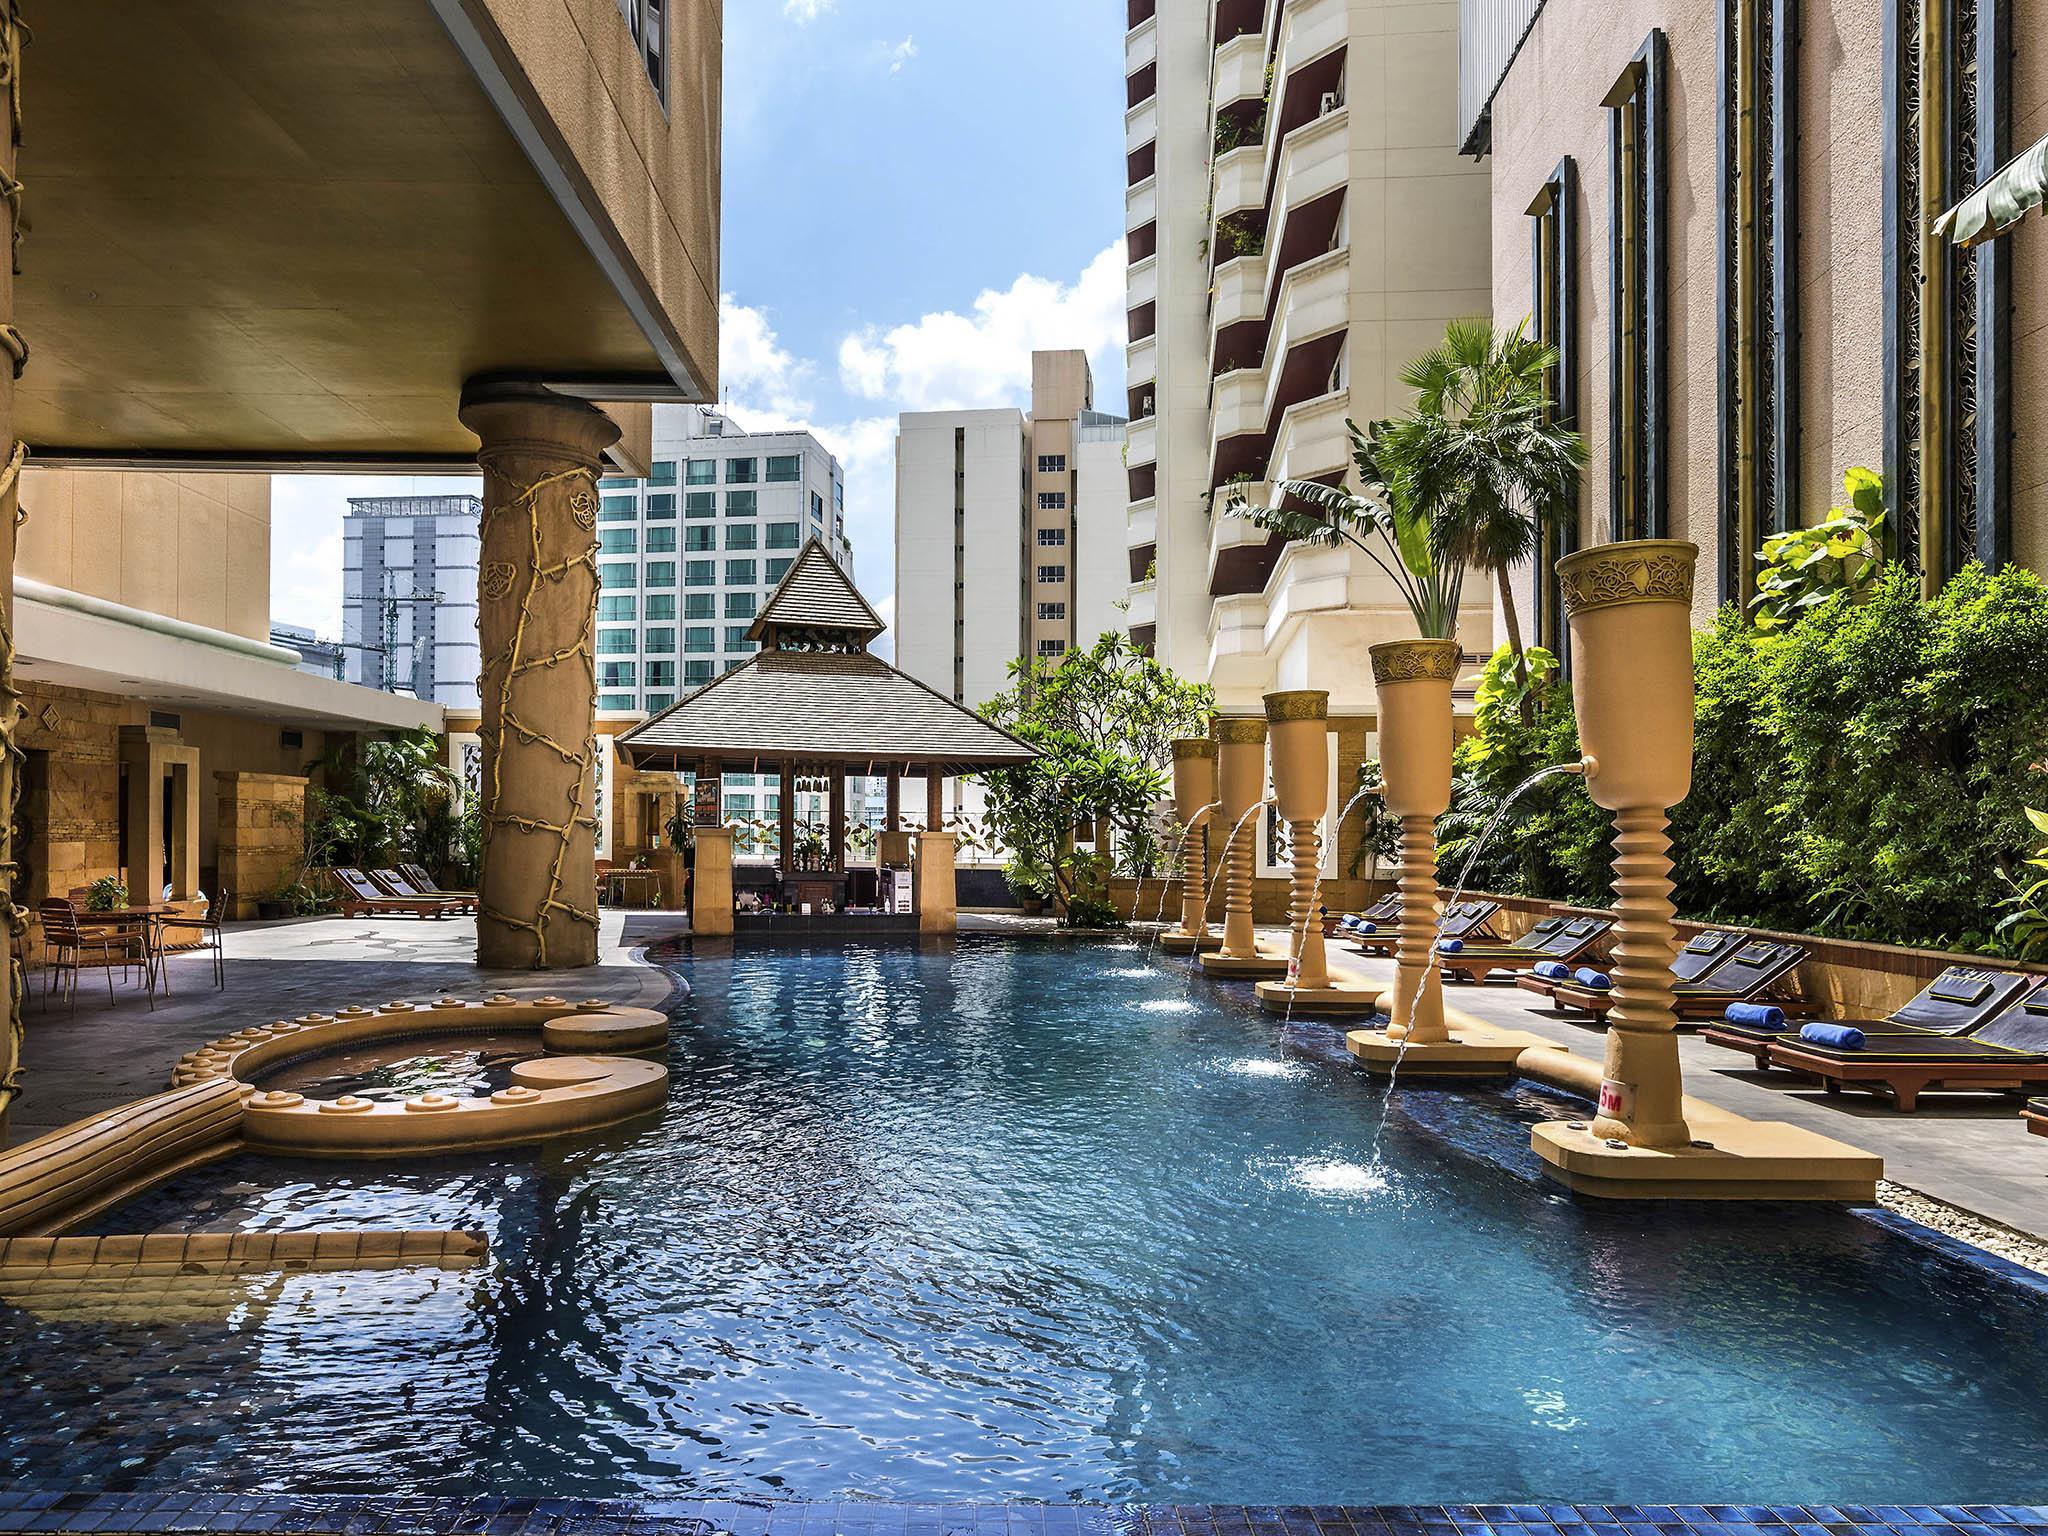 โรงแรม – โรงแรมแกรนด์ สุขุมวิท กรุงเทพ